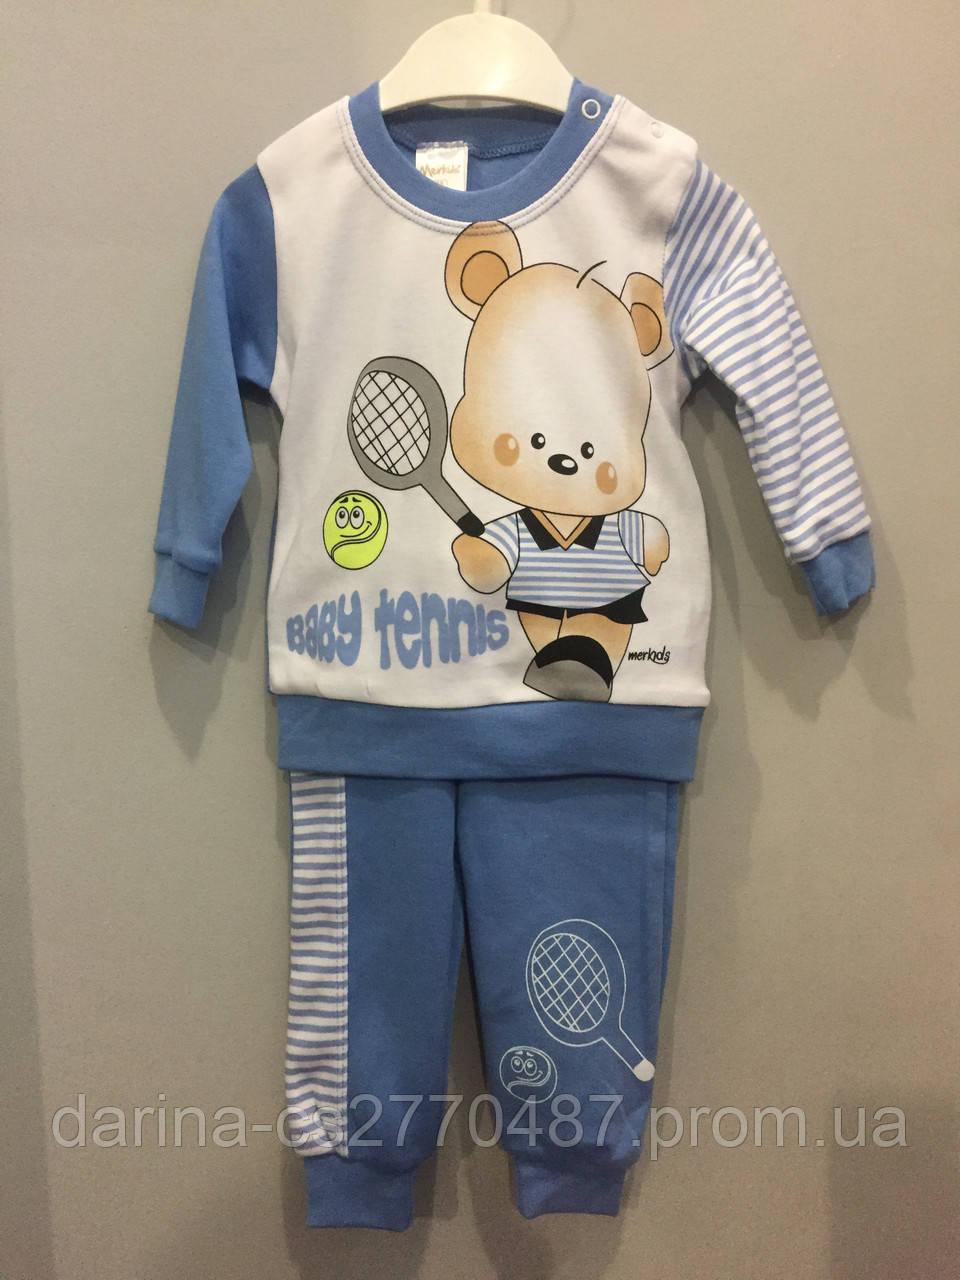 Трикотажный костюм для мальчика с мишкой